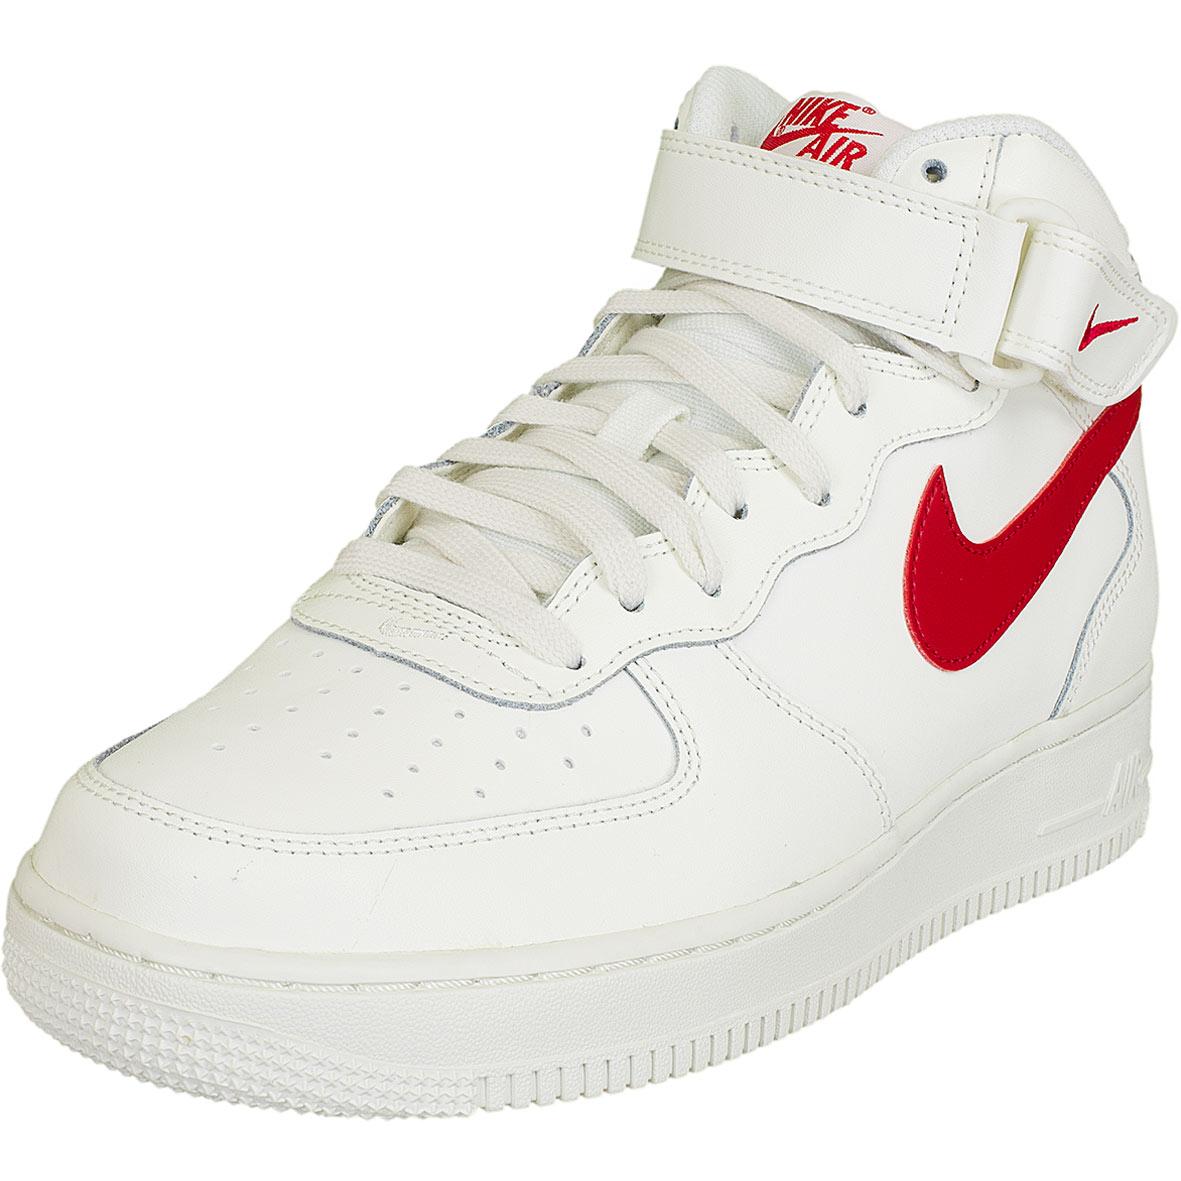 nike air force 1 weiß rot